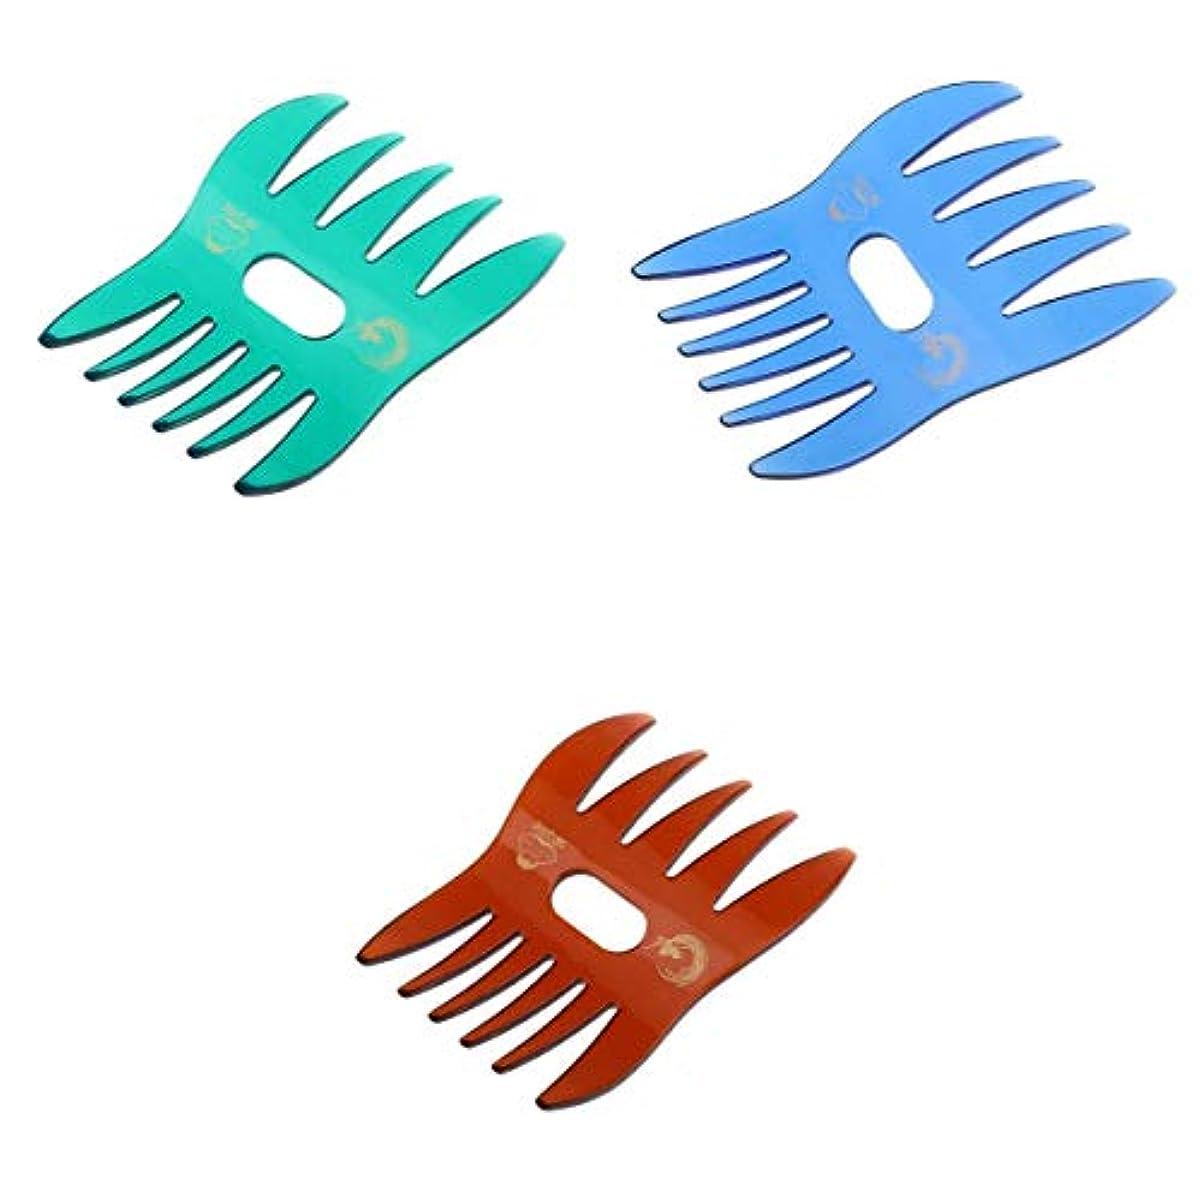 調べる東ティモール両方T TOOYFUL 櫛 ヘアコーム コーム ヘア櫛 静電気防止 粗歯 頭皮マッサージ オイルヘアスタイル